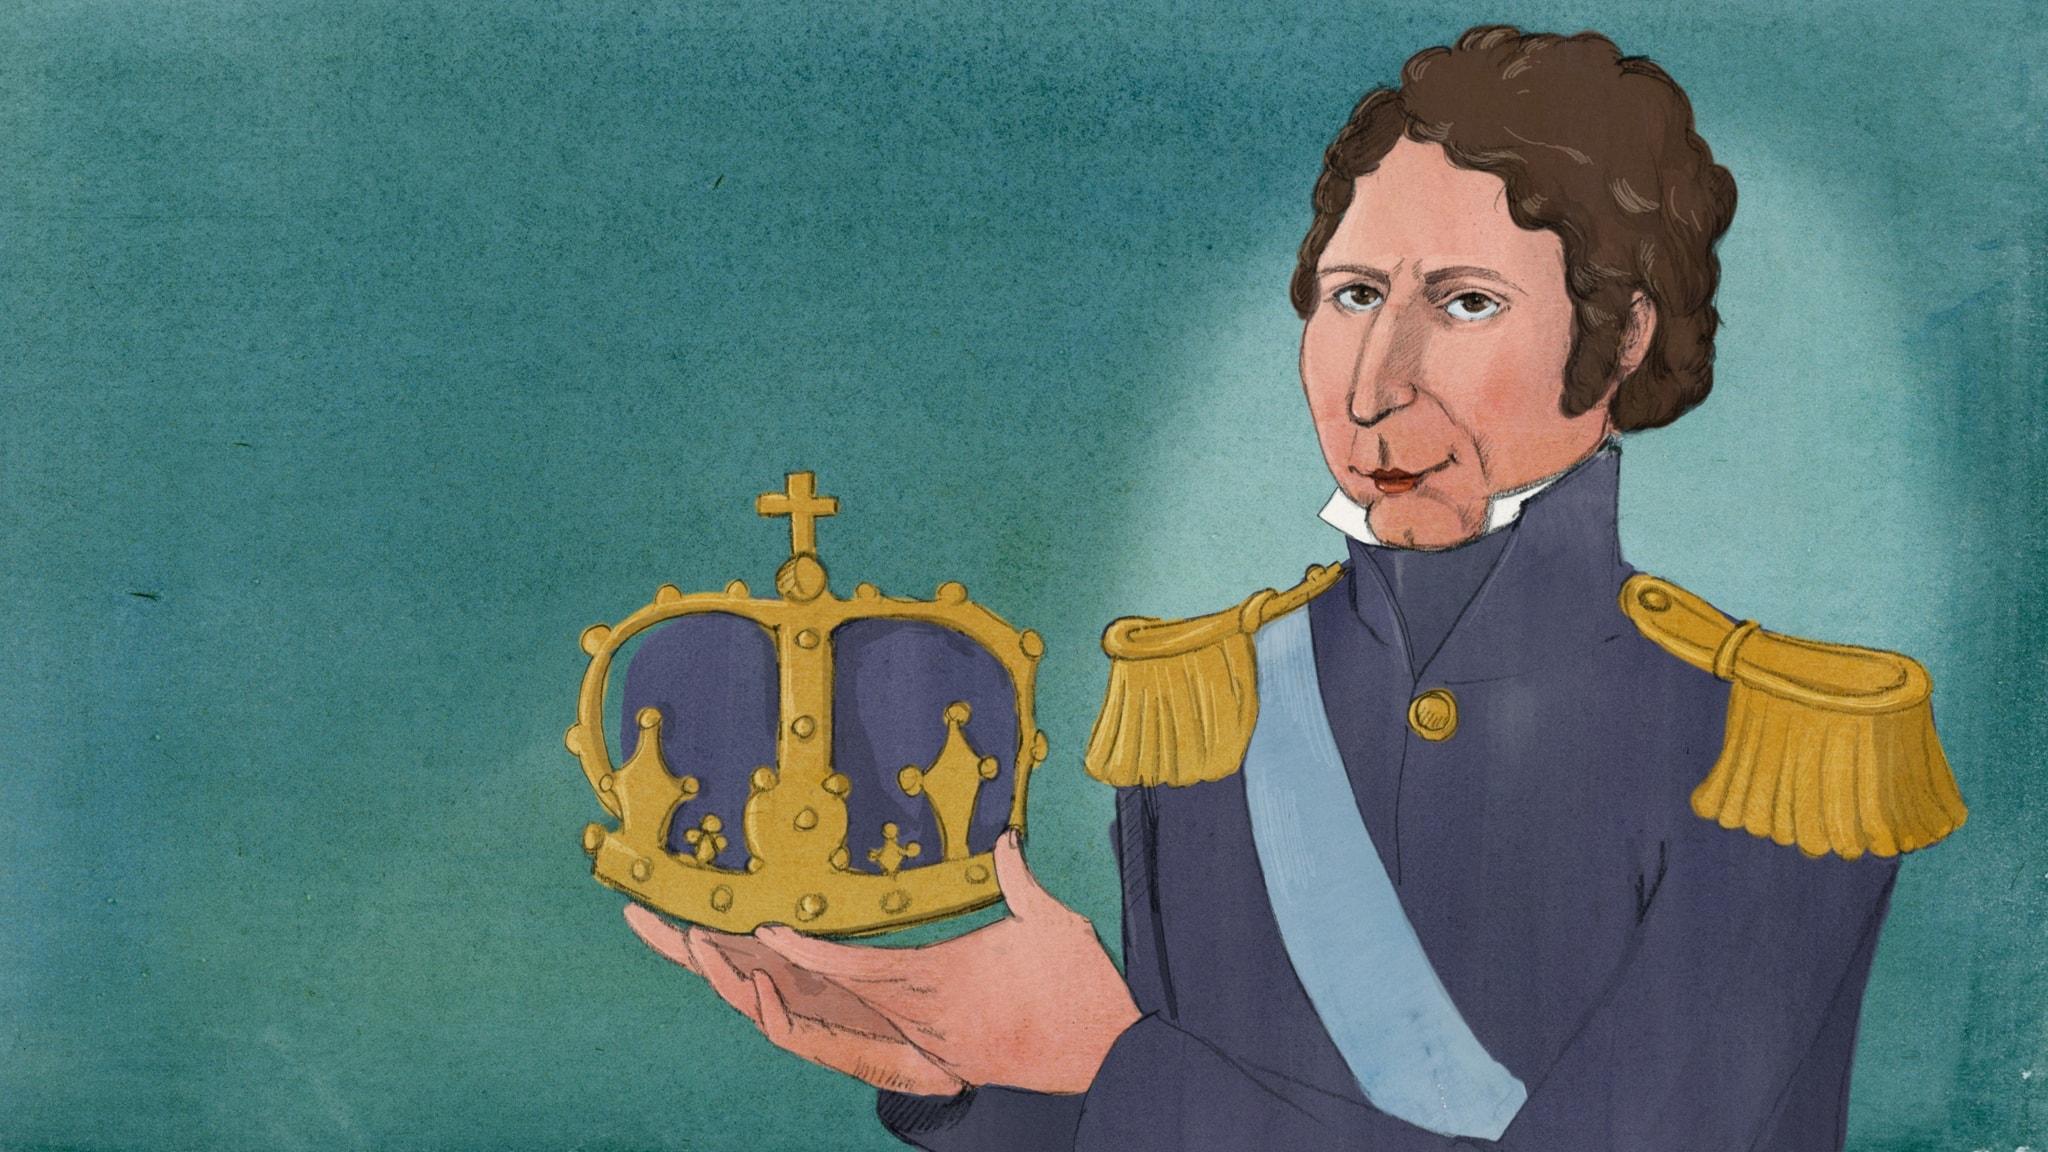 Karl XIV Johan - Kungen som gjorde en superkarriär